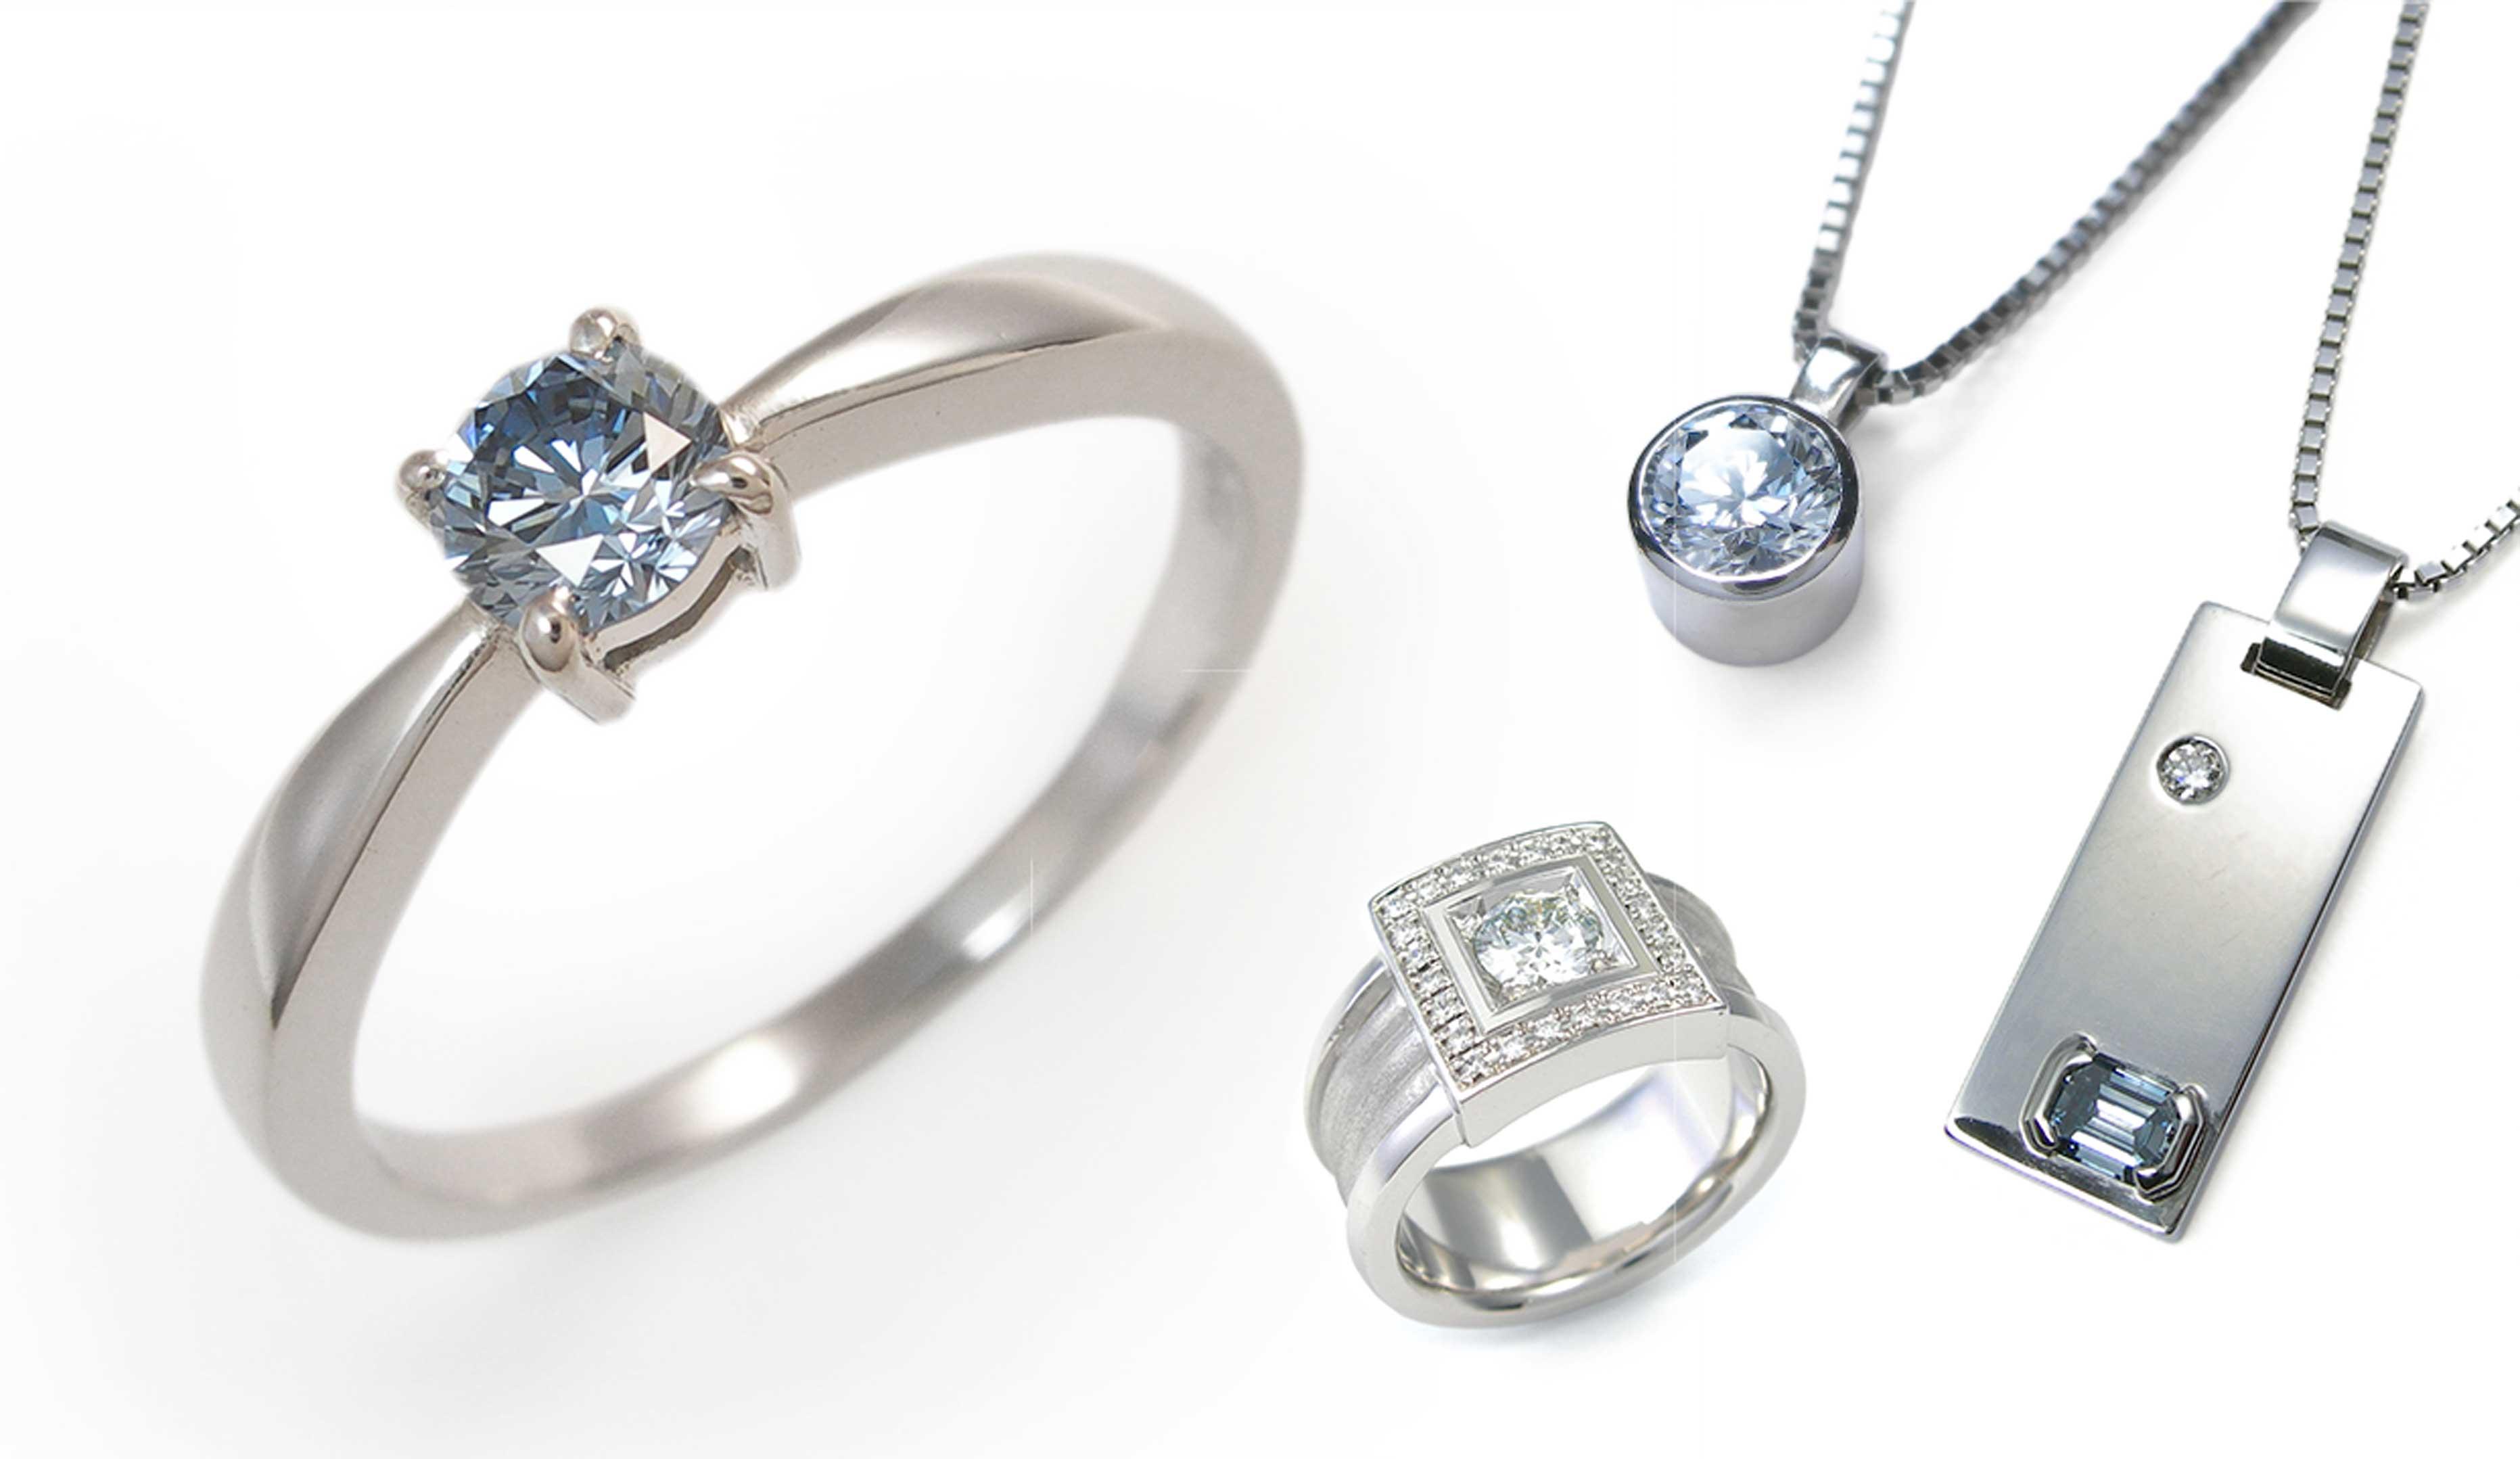 メモリアル・ダイヤモンドのジュエリーの画像